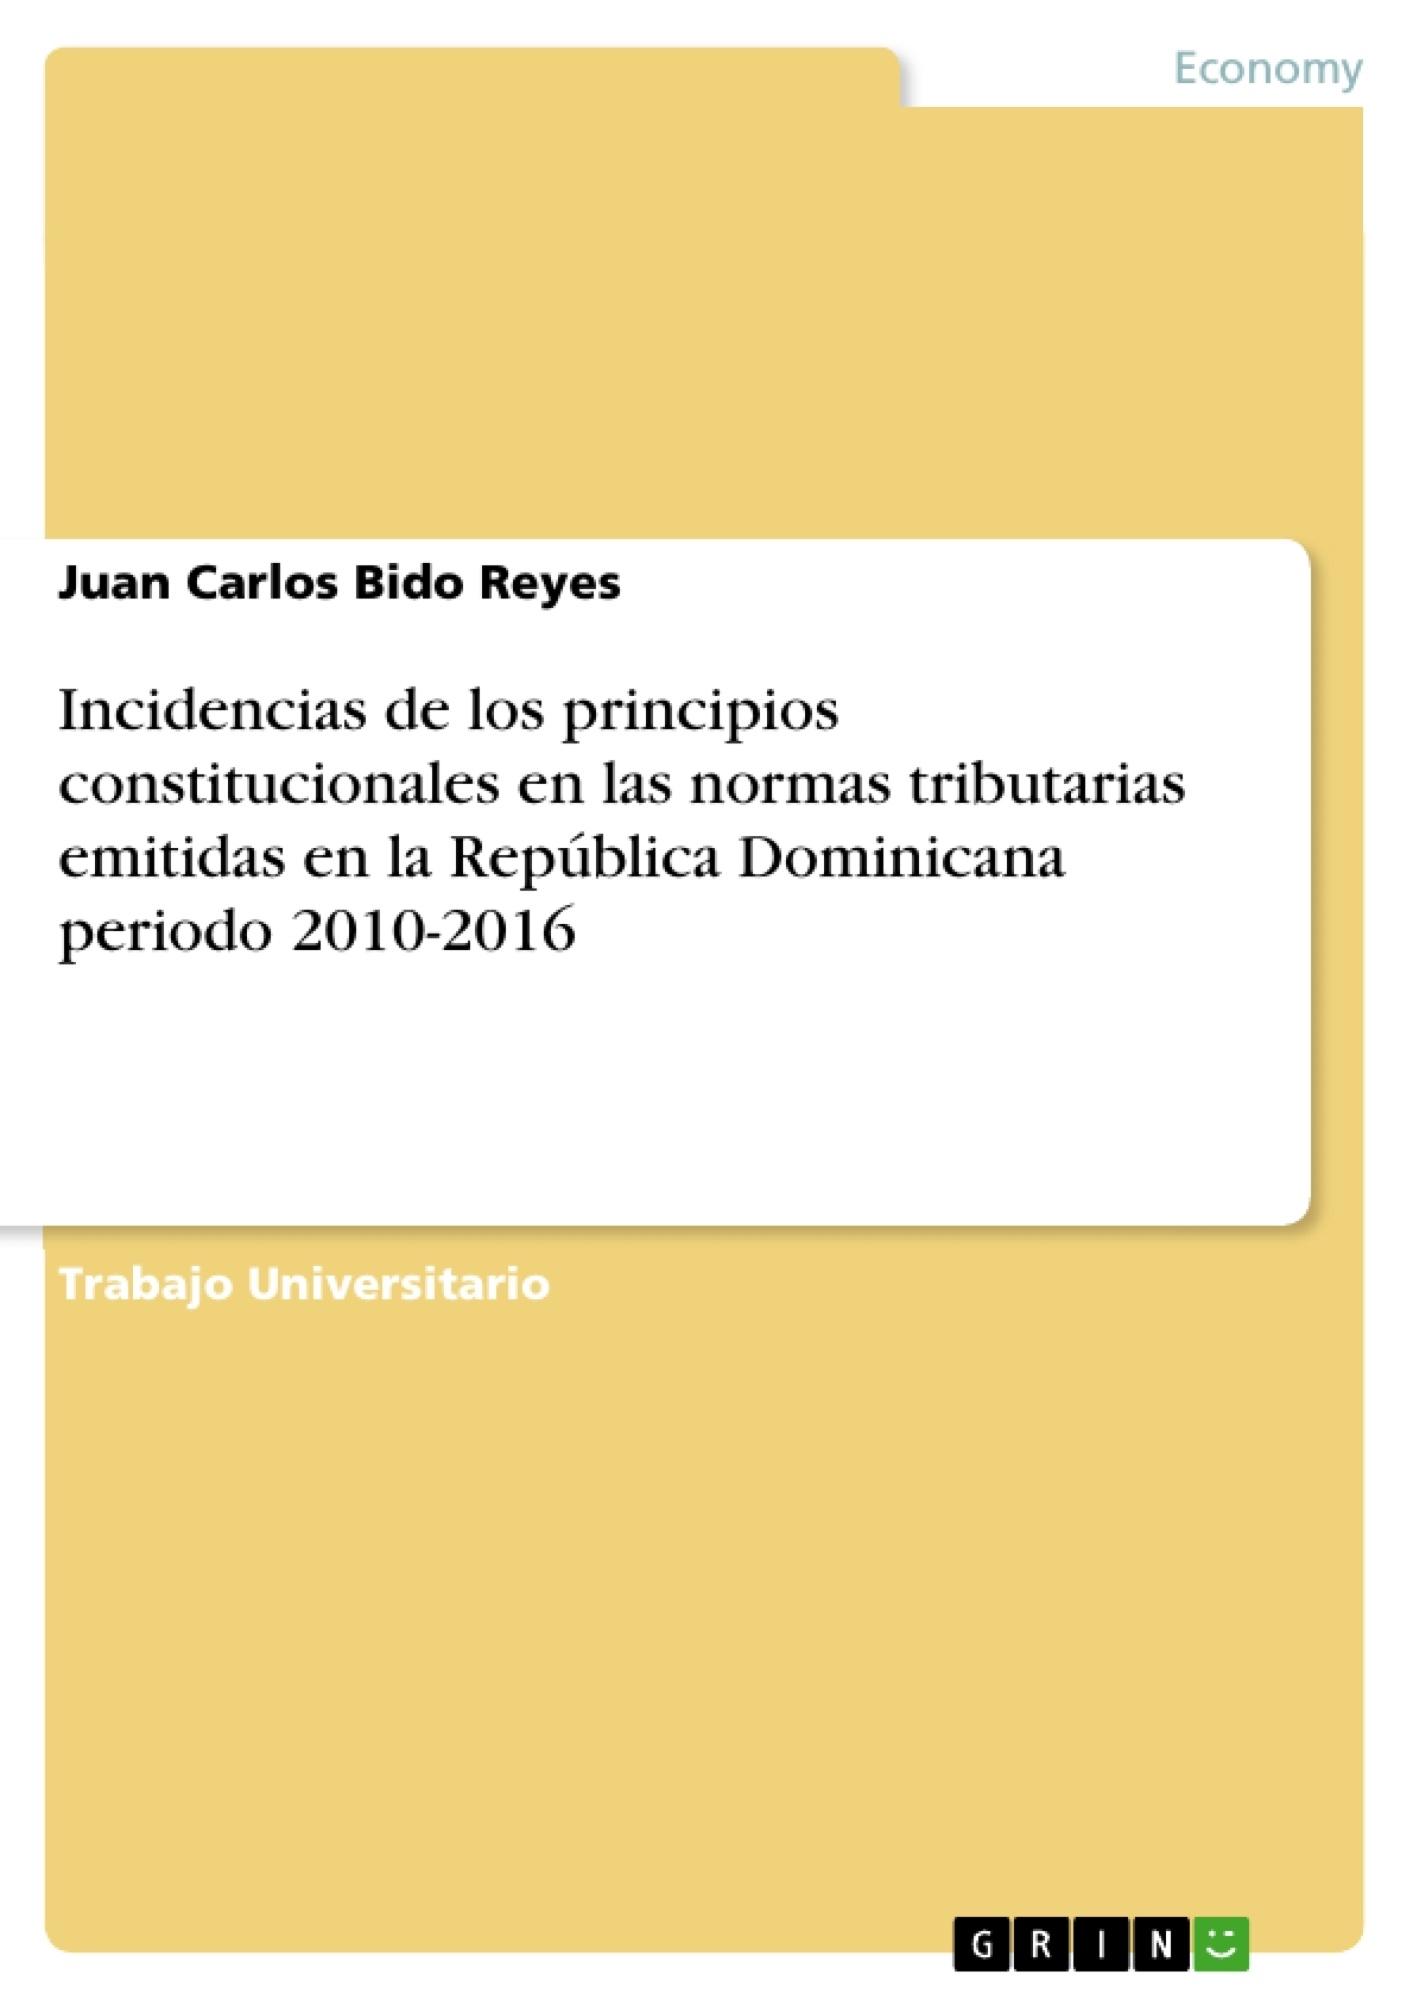 Título: Incidencias de los principios constitucionales en las normas tributarias emitidas en la República Dominicana periodo 2010-2016